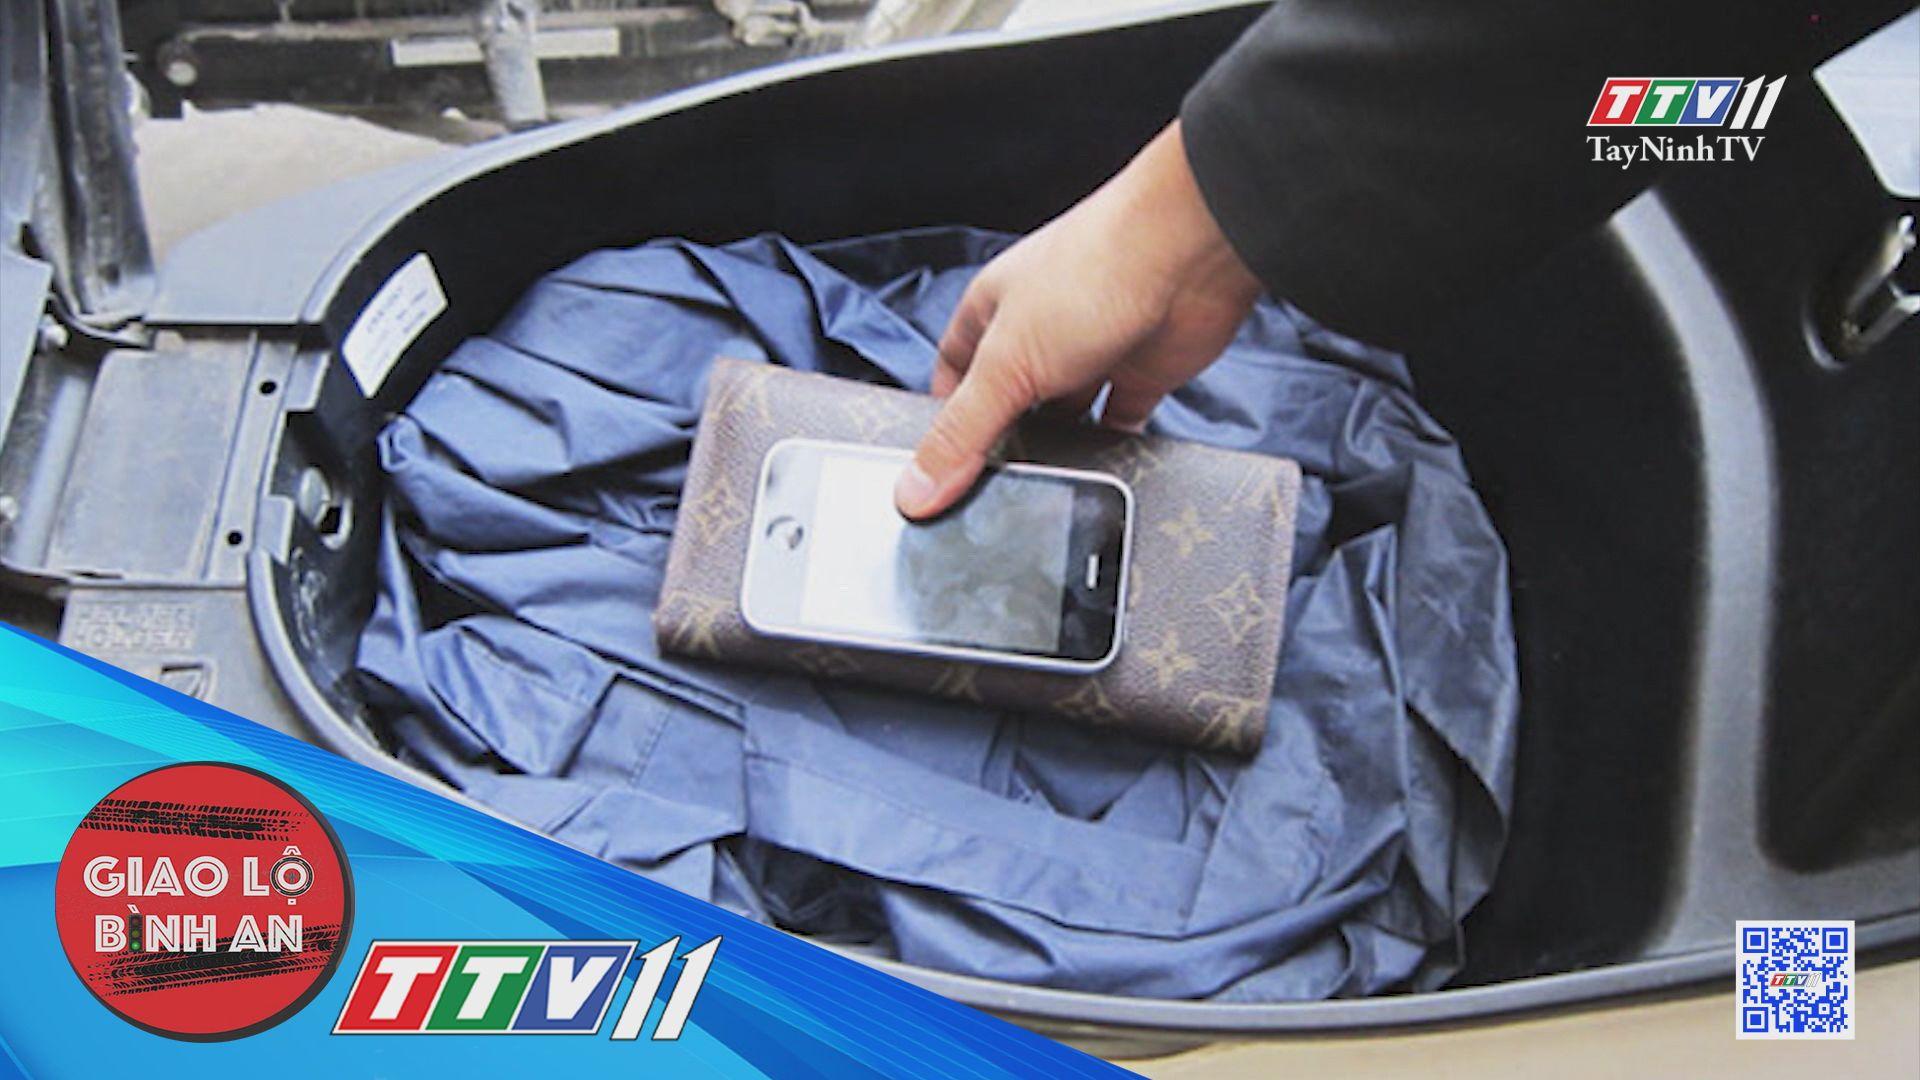 Thói quen tai hại khi để điện thoại trong cốp xe | GIAO LỘ BÌNH AN | TayNinhTVE